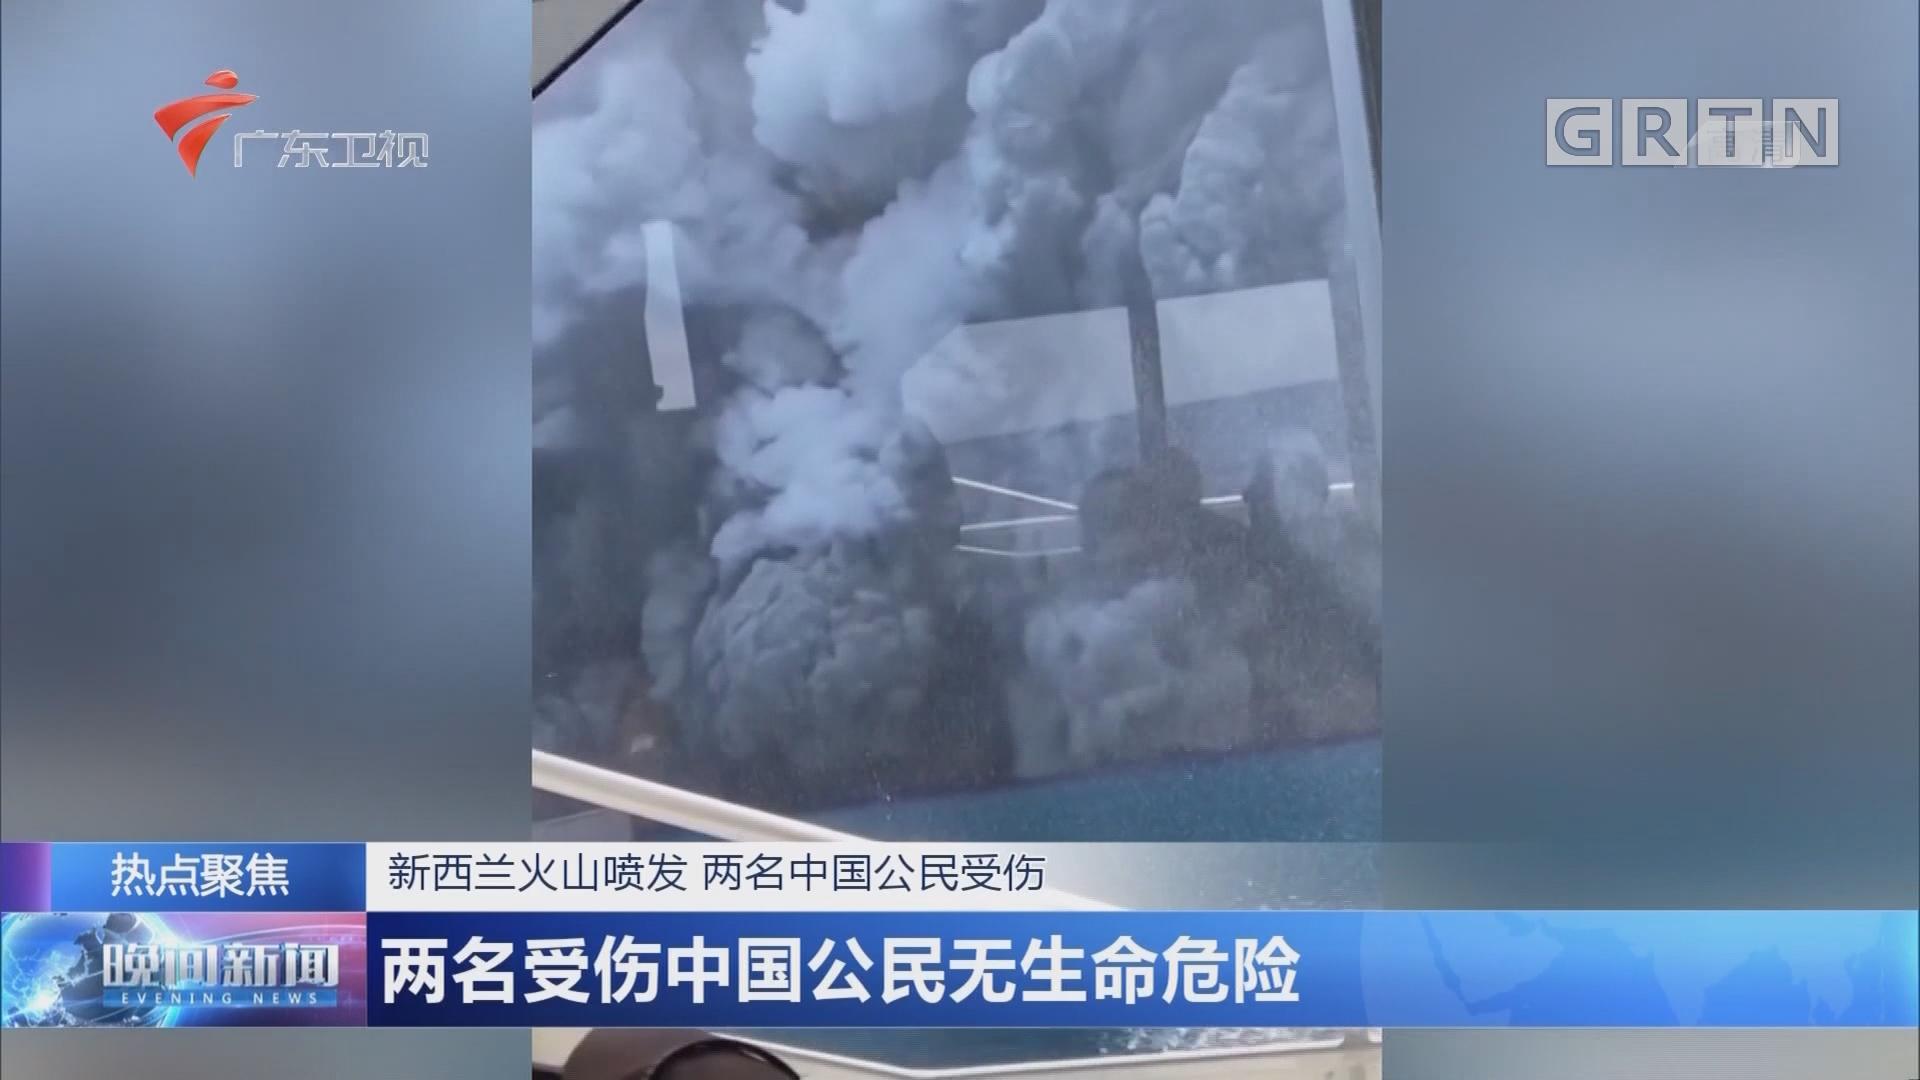 新西兰火山喷发 两名中国公民受伤 两名受伤中国公民无生命危险